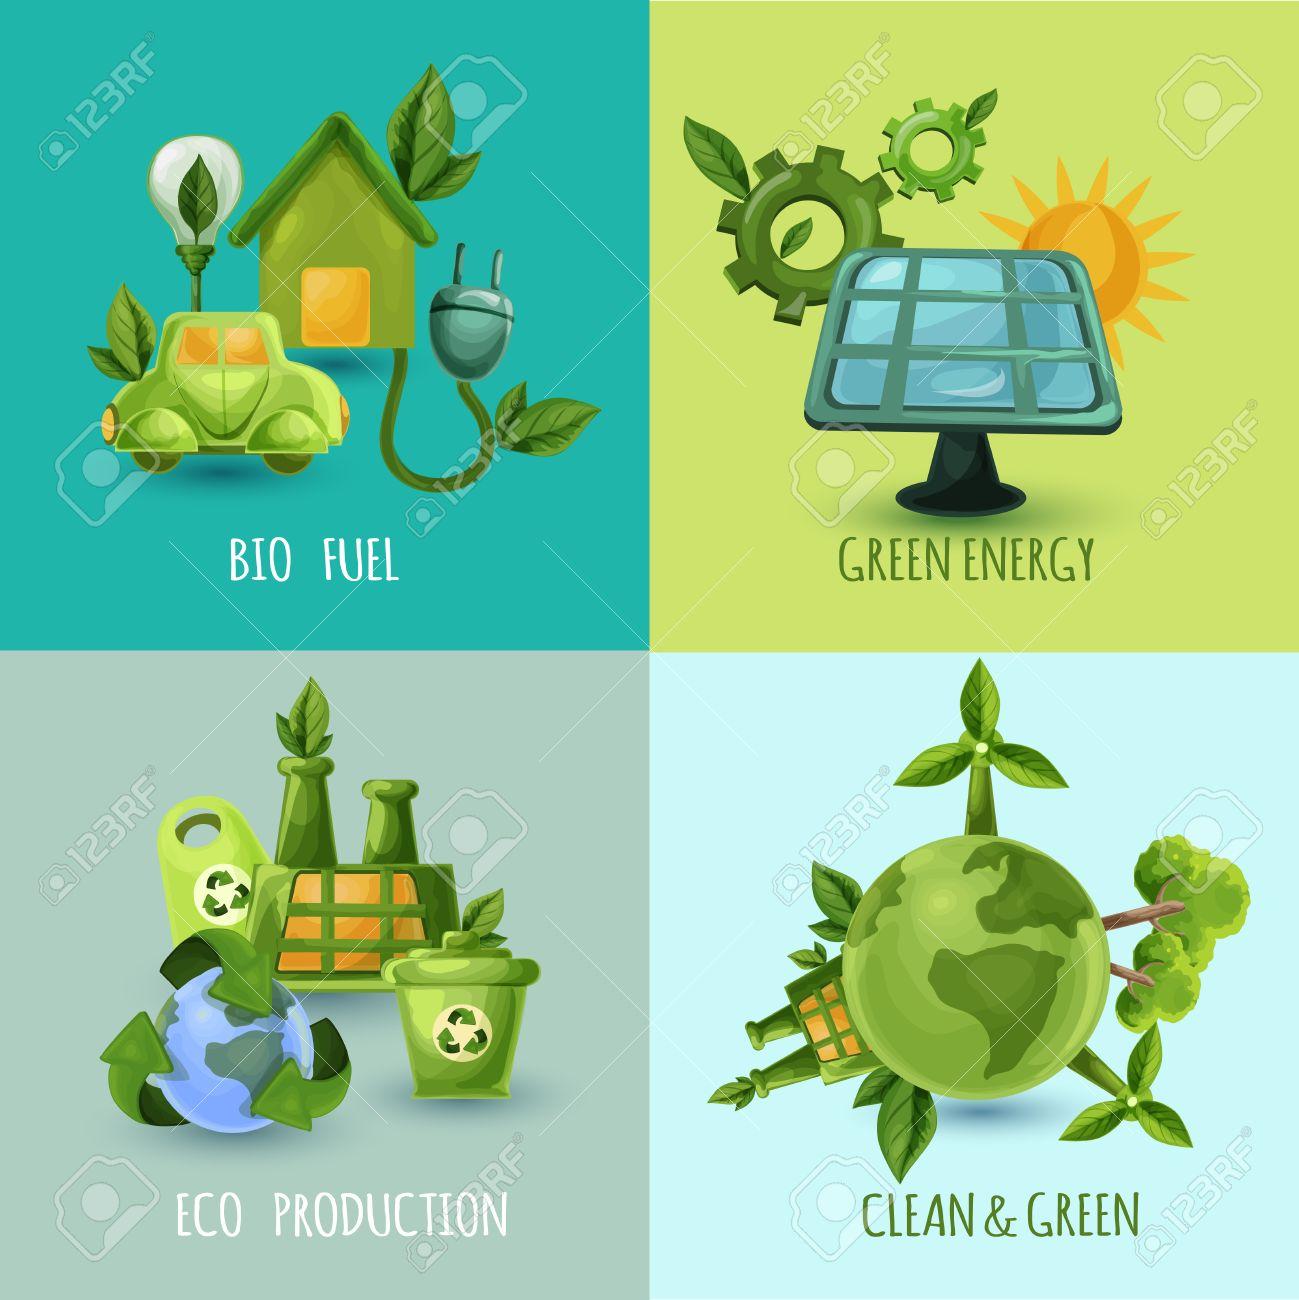 バイオ燃料グリーン エネルギー エコ生産漫画アイコン分離ベクトル